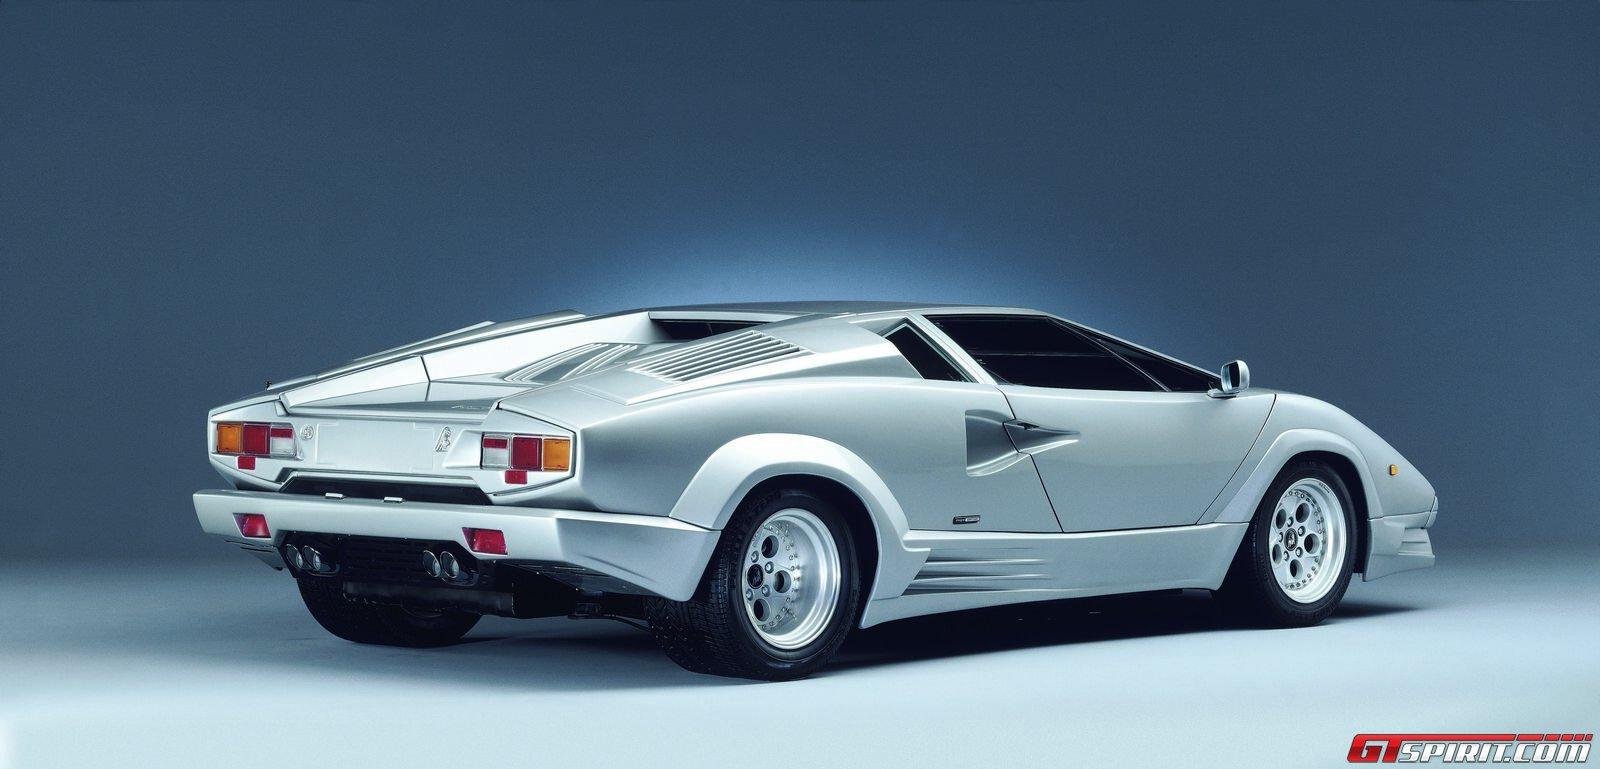 50th Anniversary Model for Lamborghini Photo 1